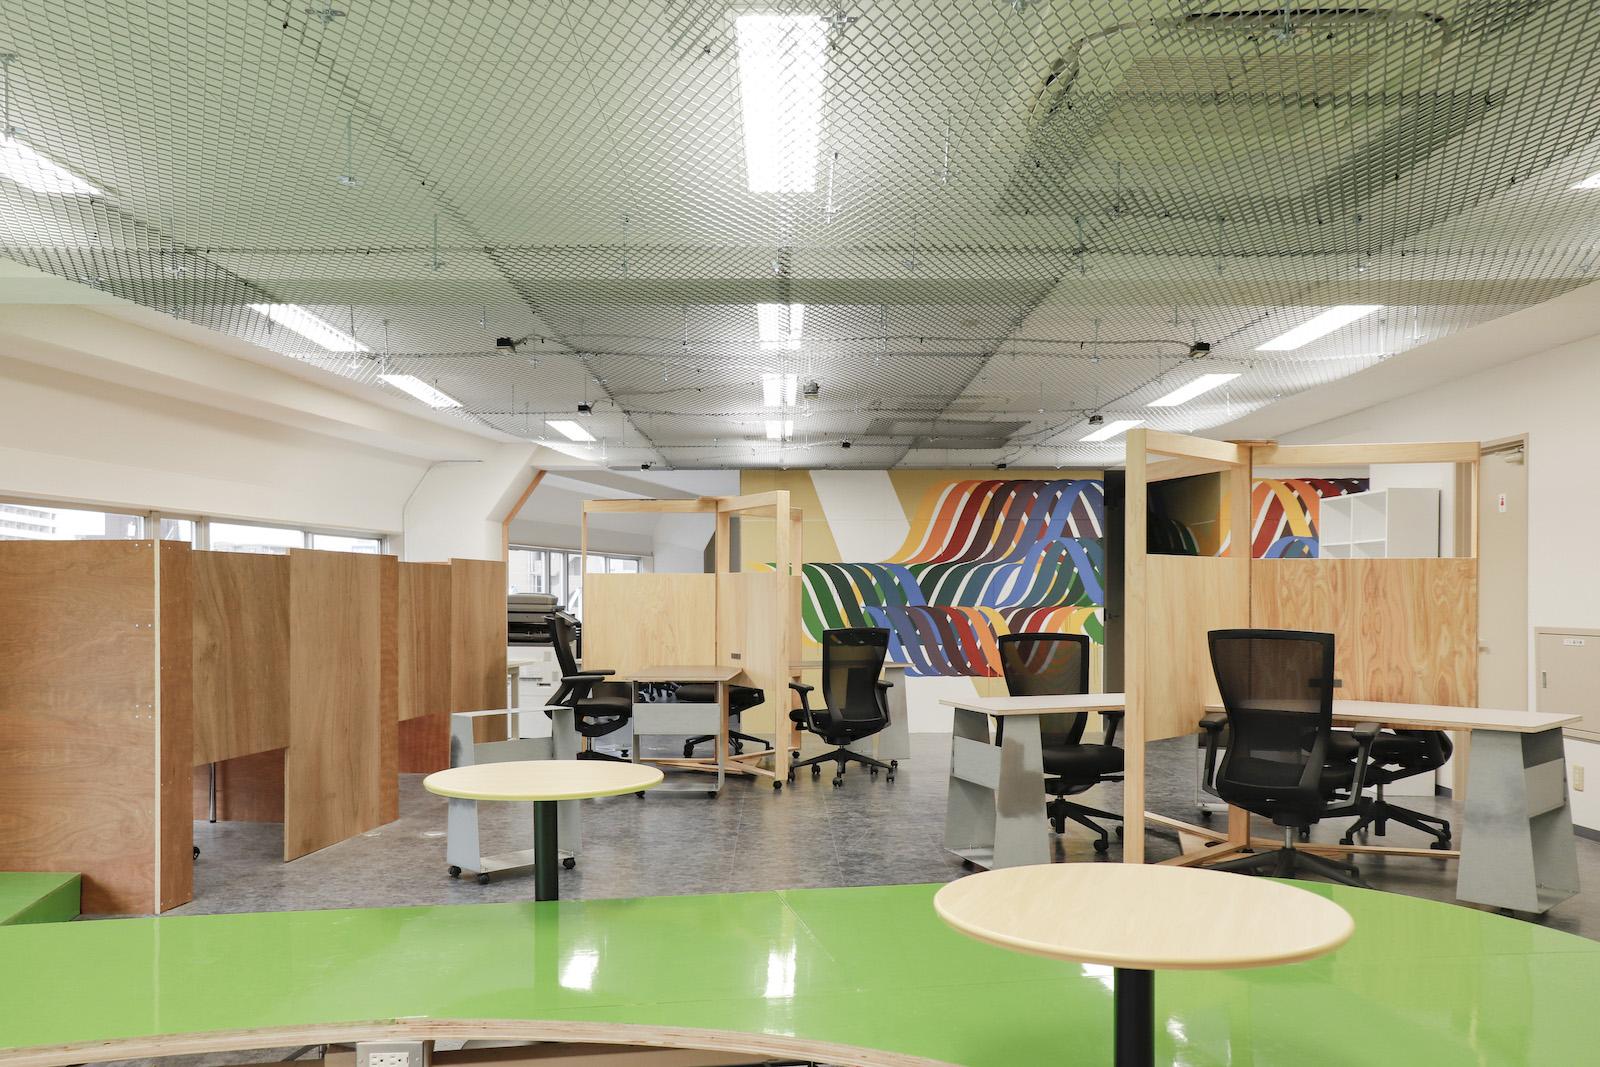 まちづ社、クリエイター、地元企業が入居するM.A.D.centerのオフィスフロア。